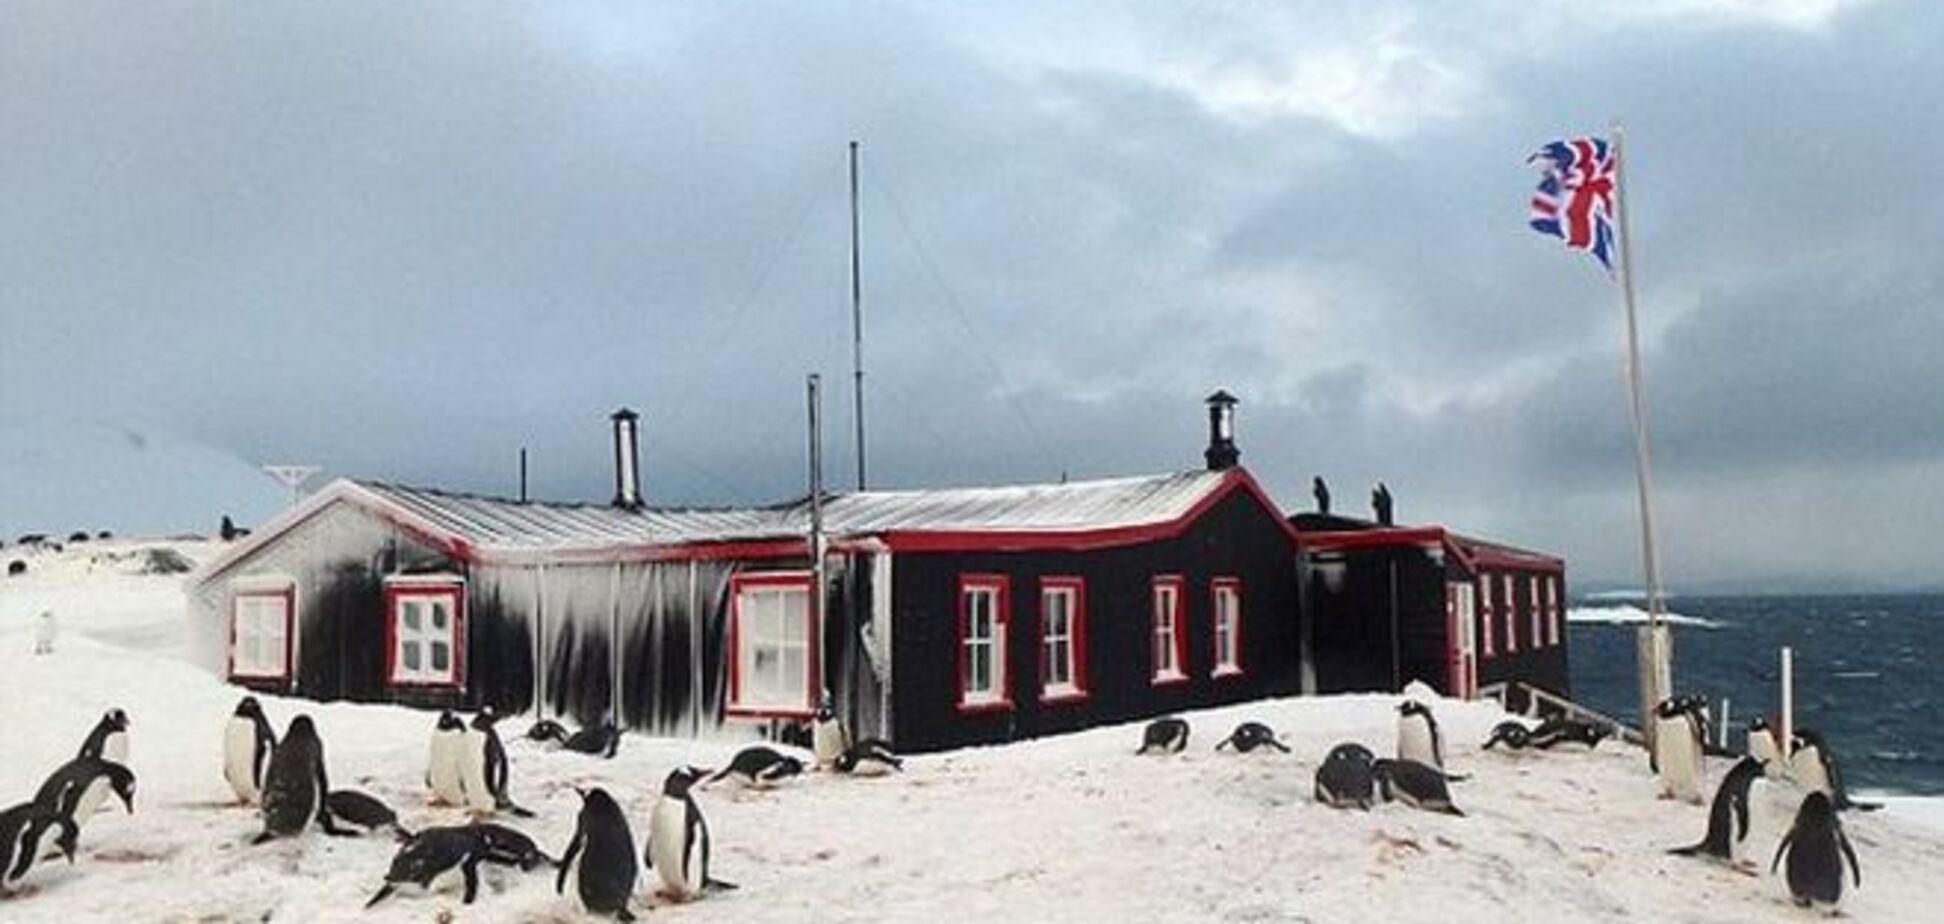 'Готов терпеть 'аромат' тысяч пингвинов?' Вакансия в Антарктиде вызвала ажиотаж